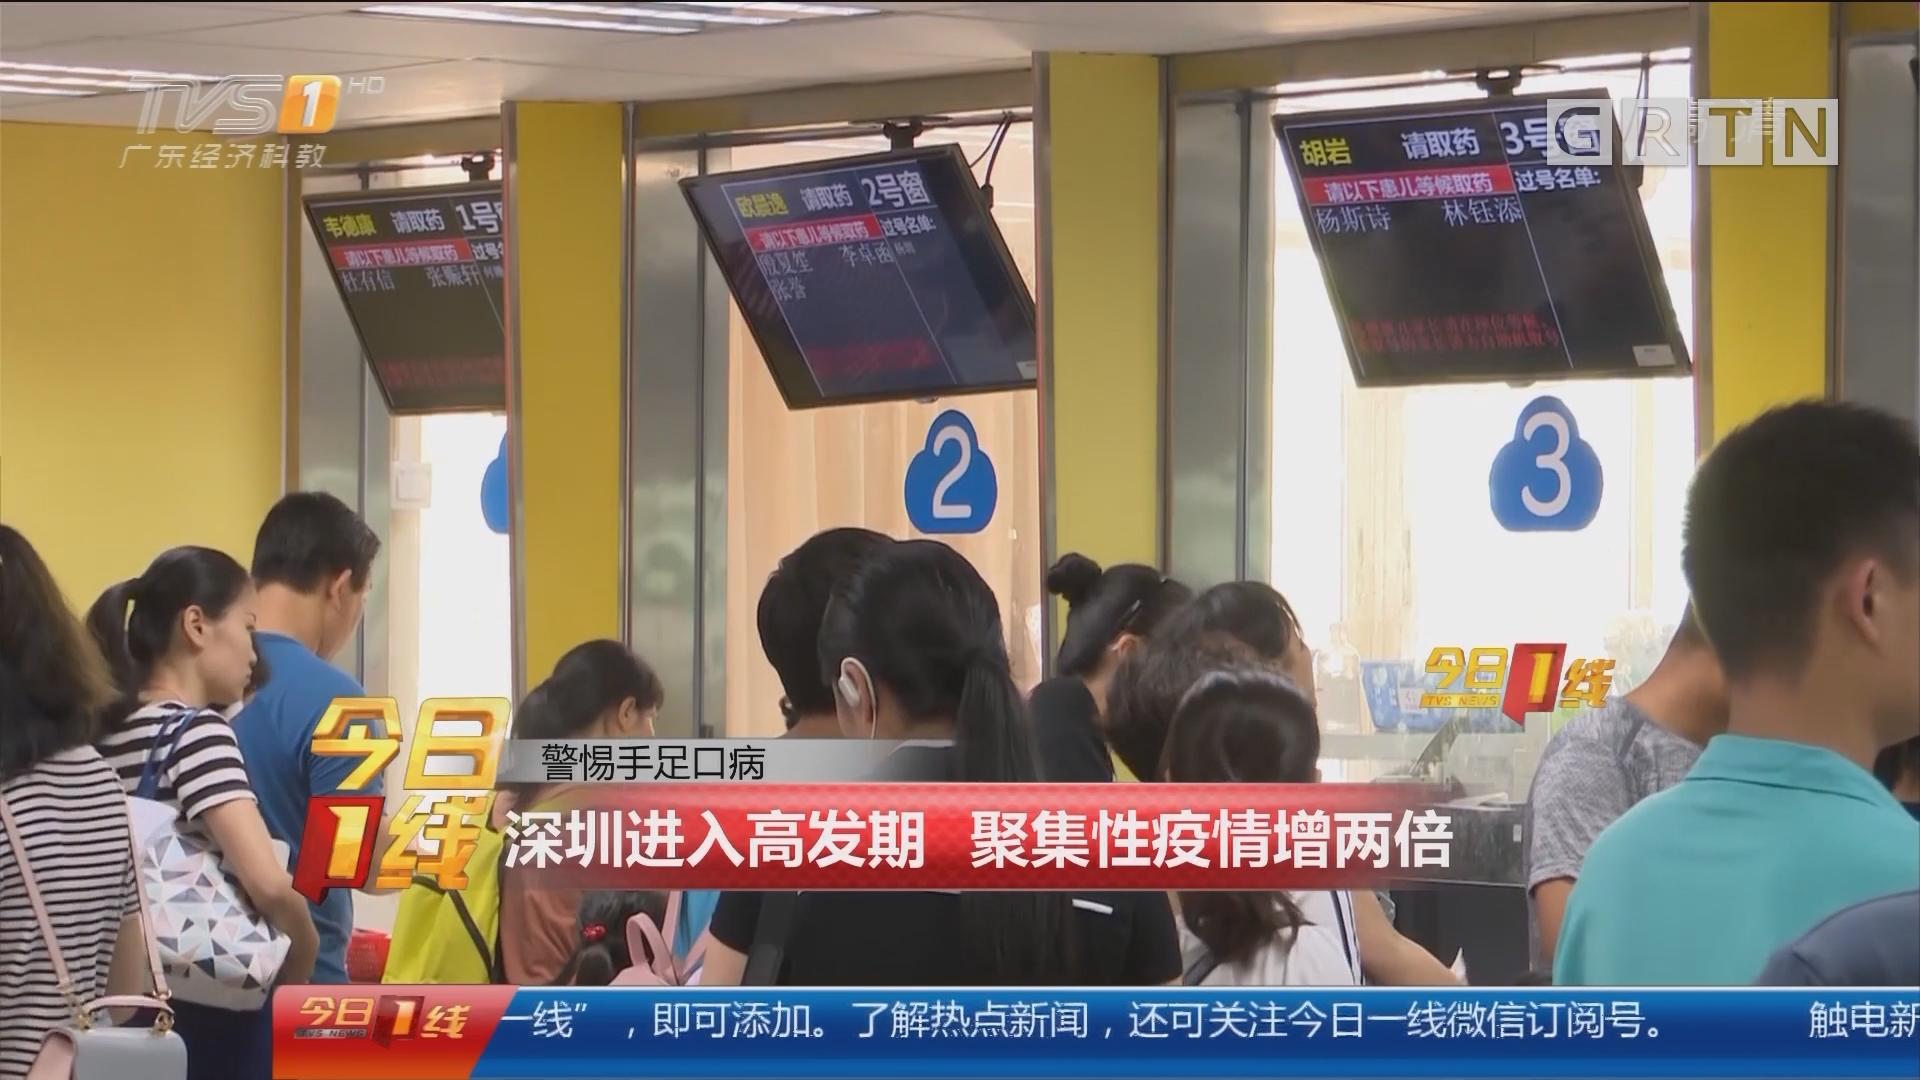 警惕手足口病:深圳进入高发期 聚集性疫情增两倍